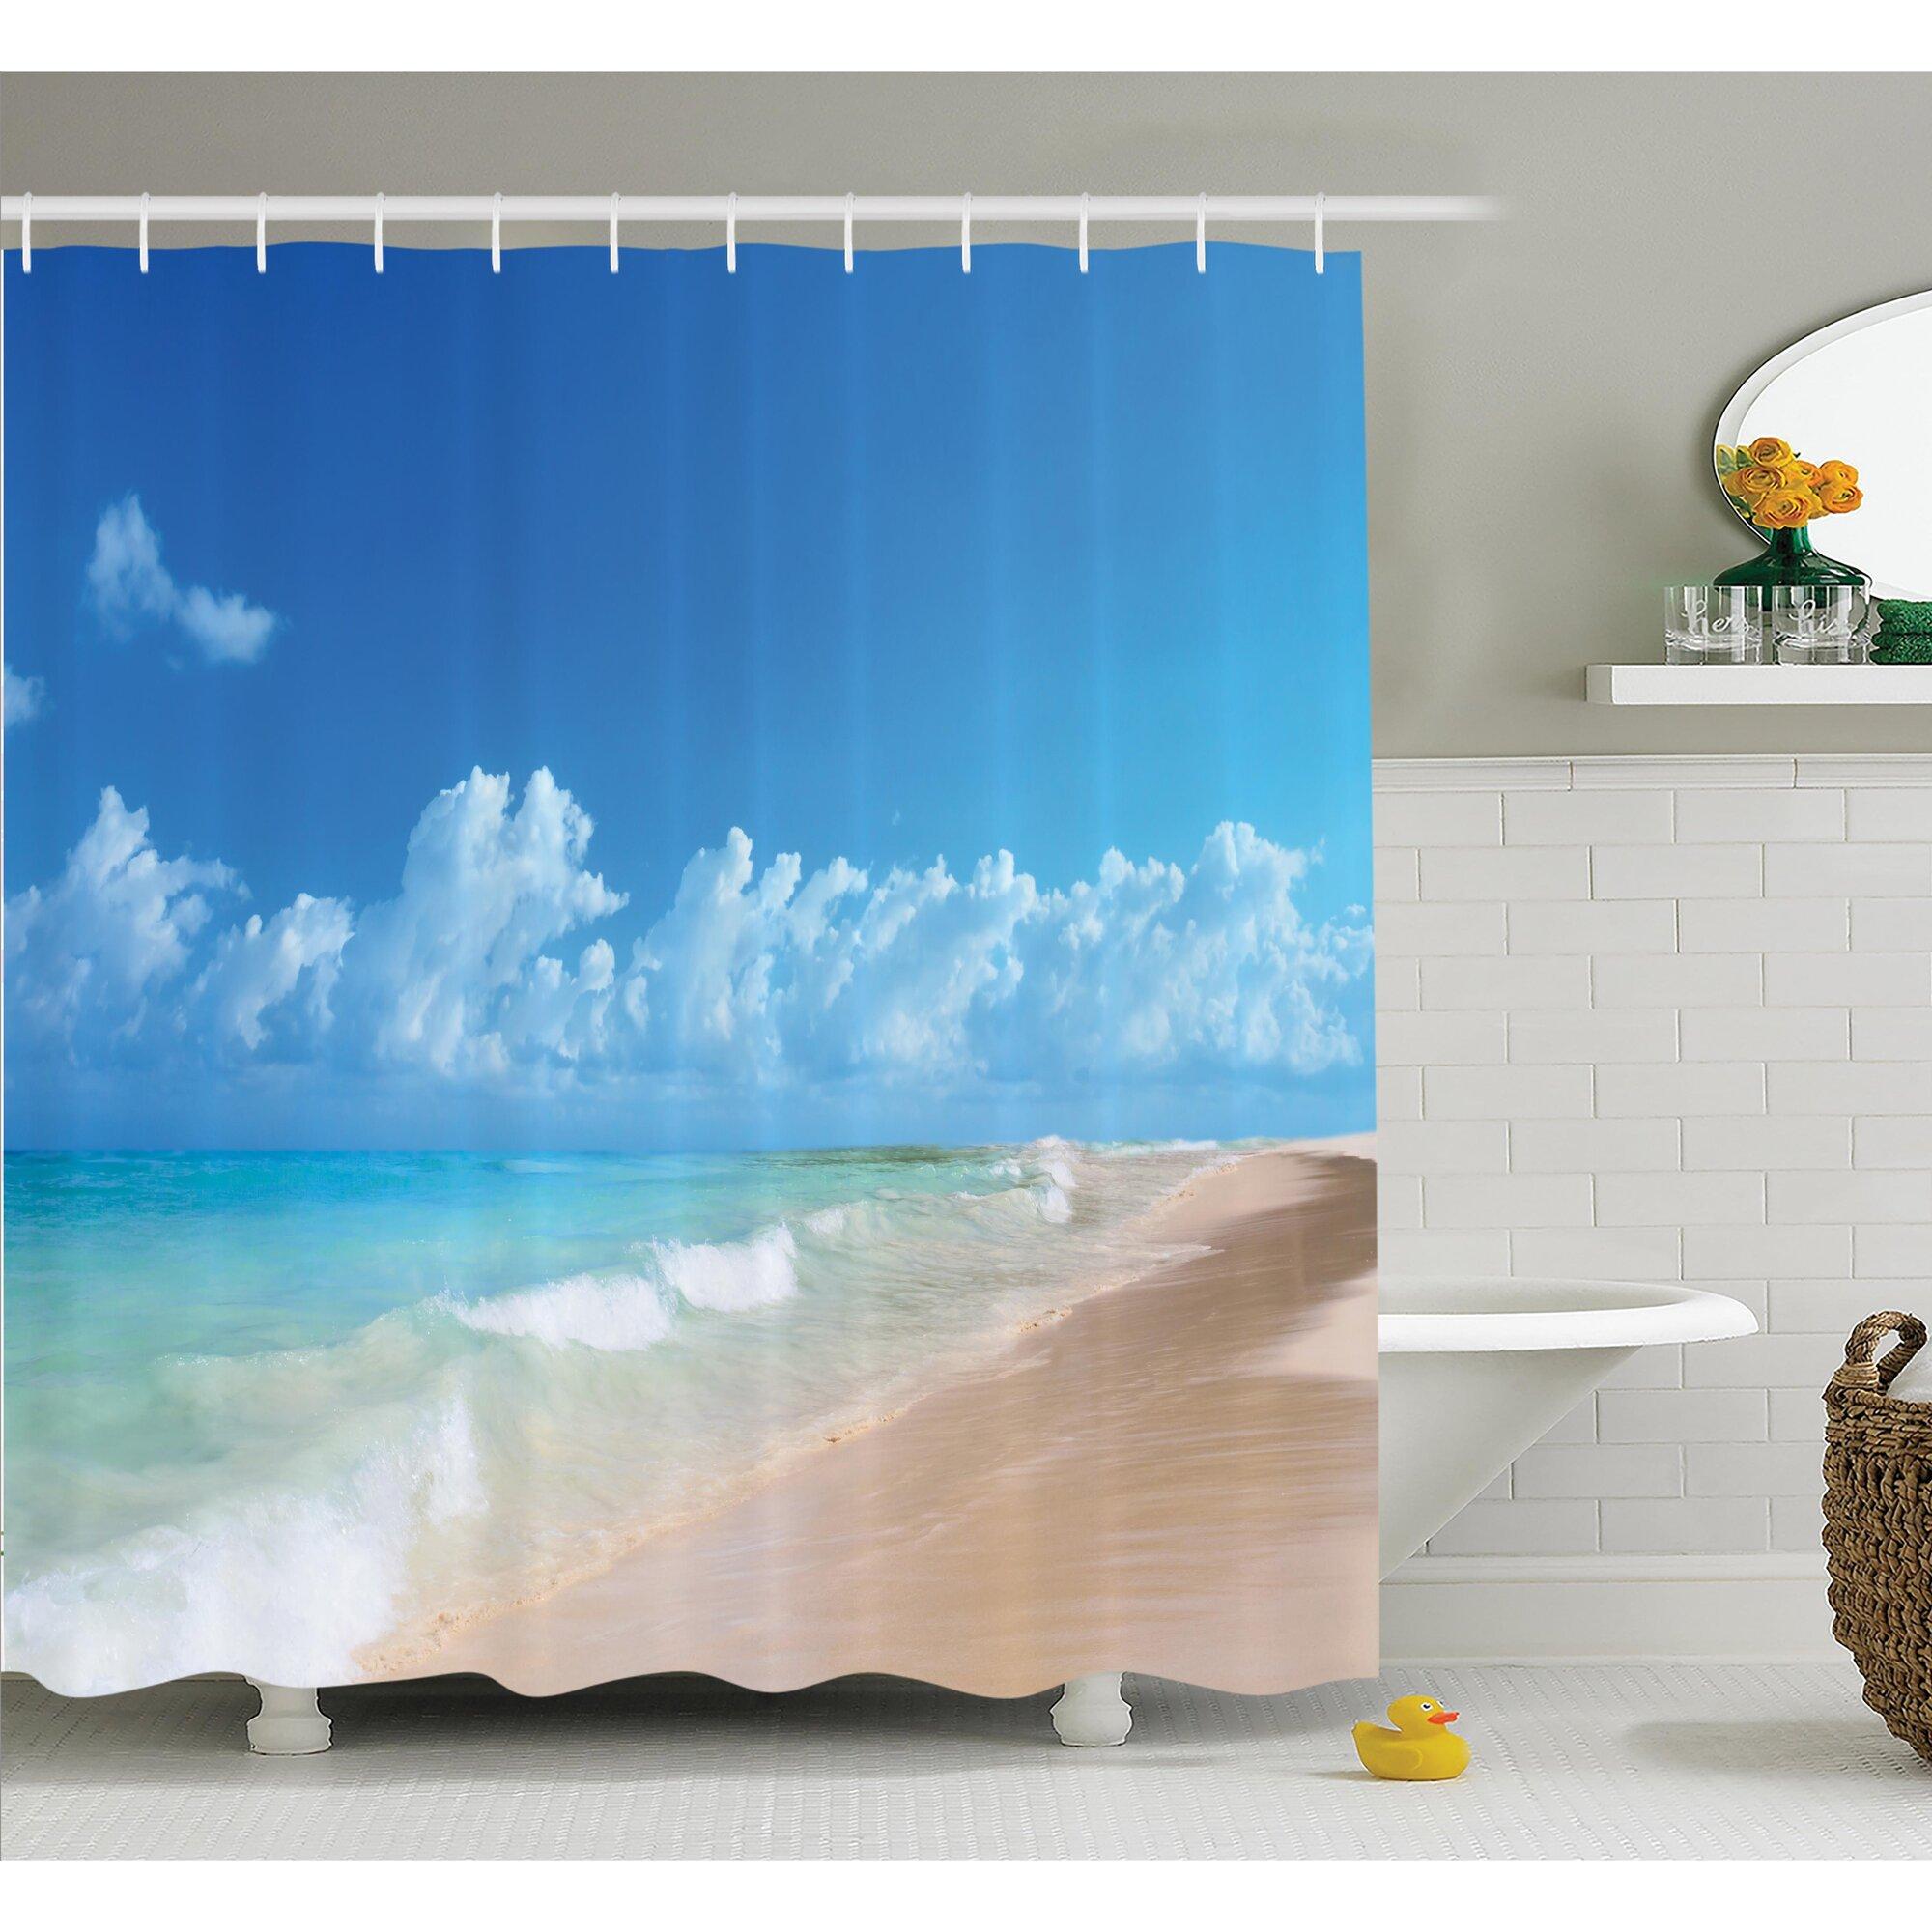 Ocean shower curtains - Nautical Tropical Ocean Waves Shower Curtain Set